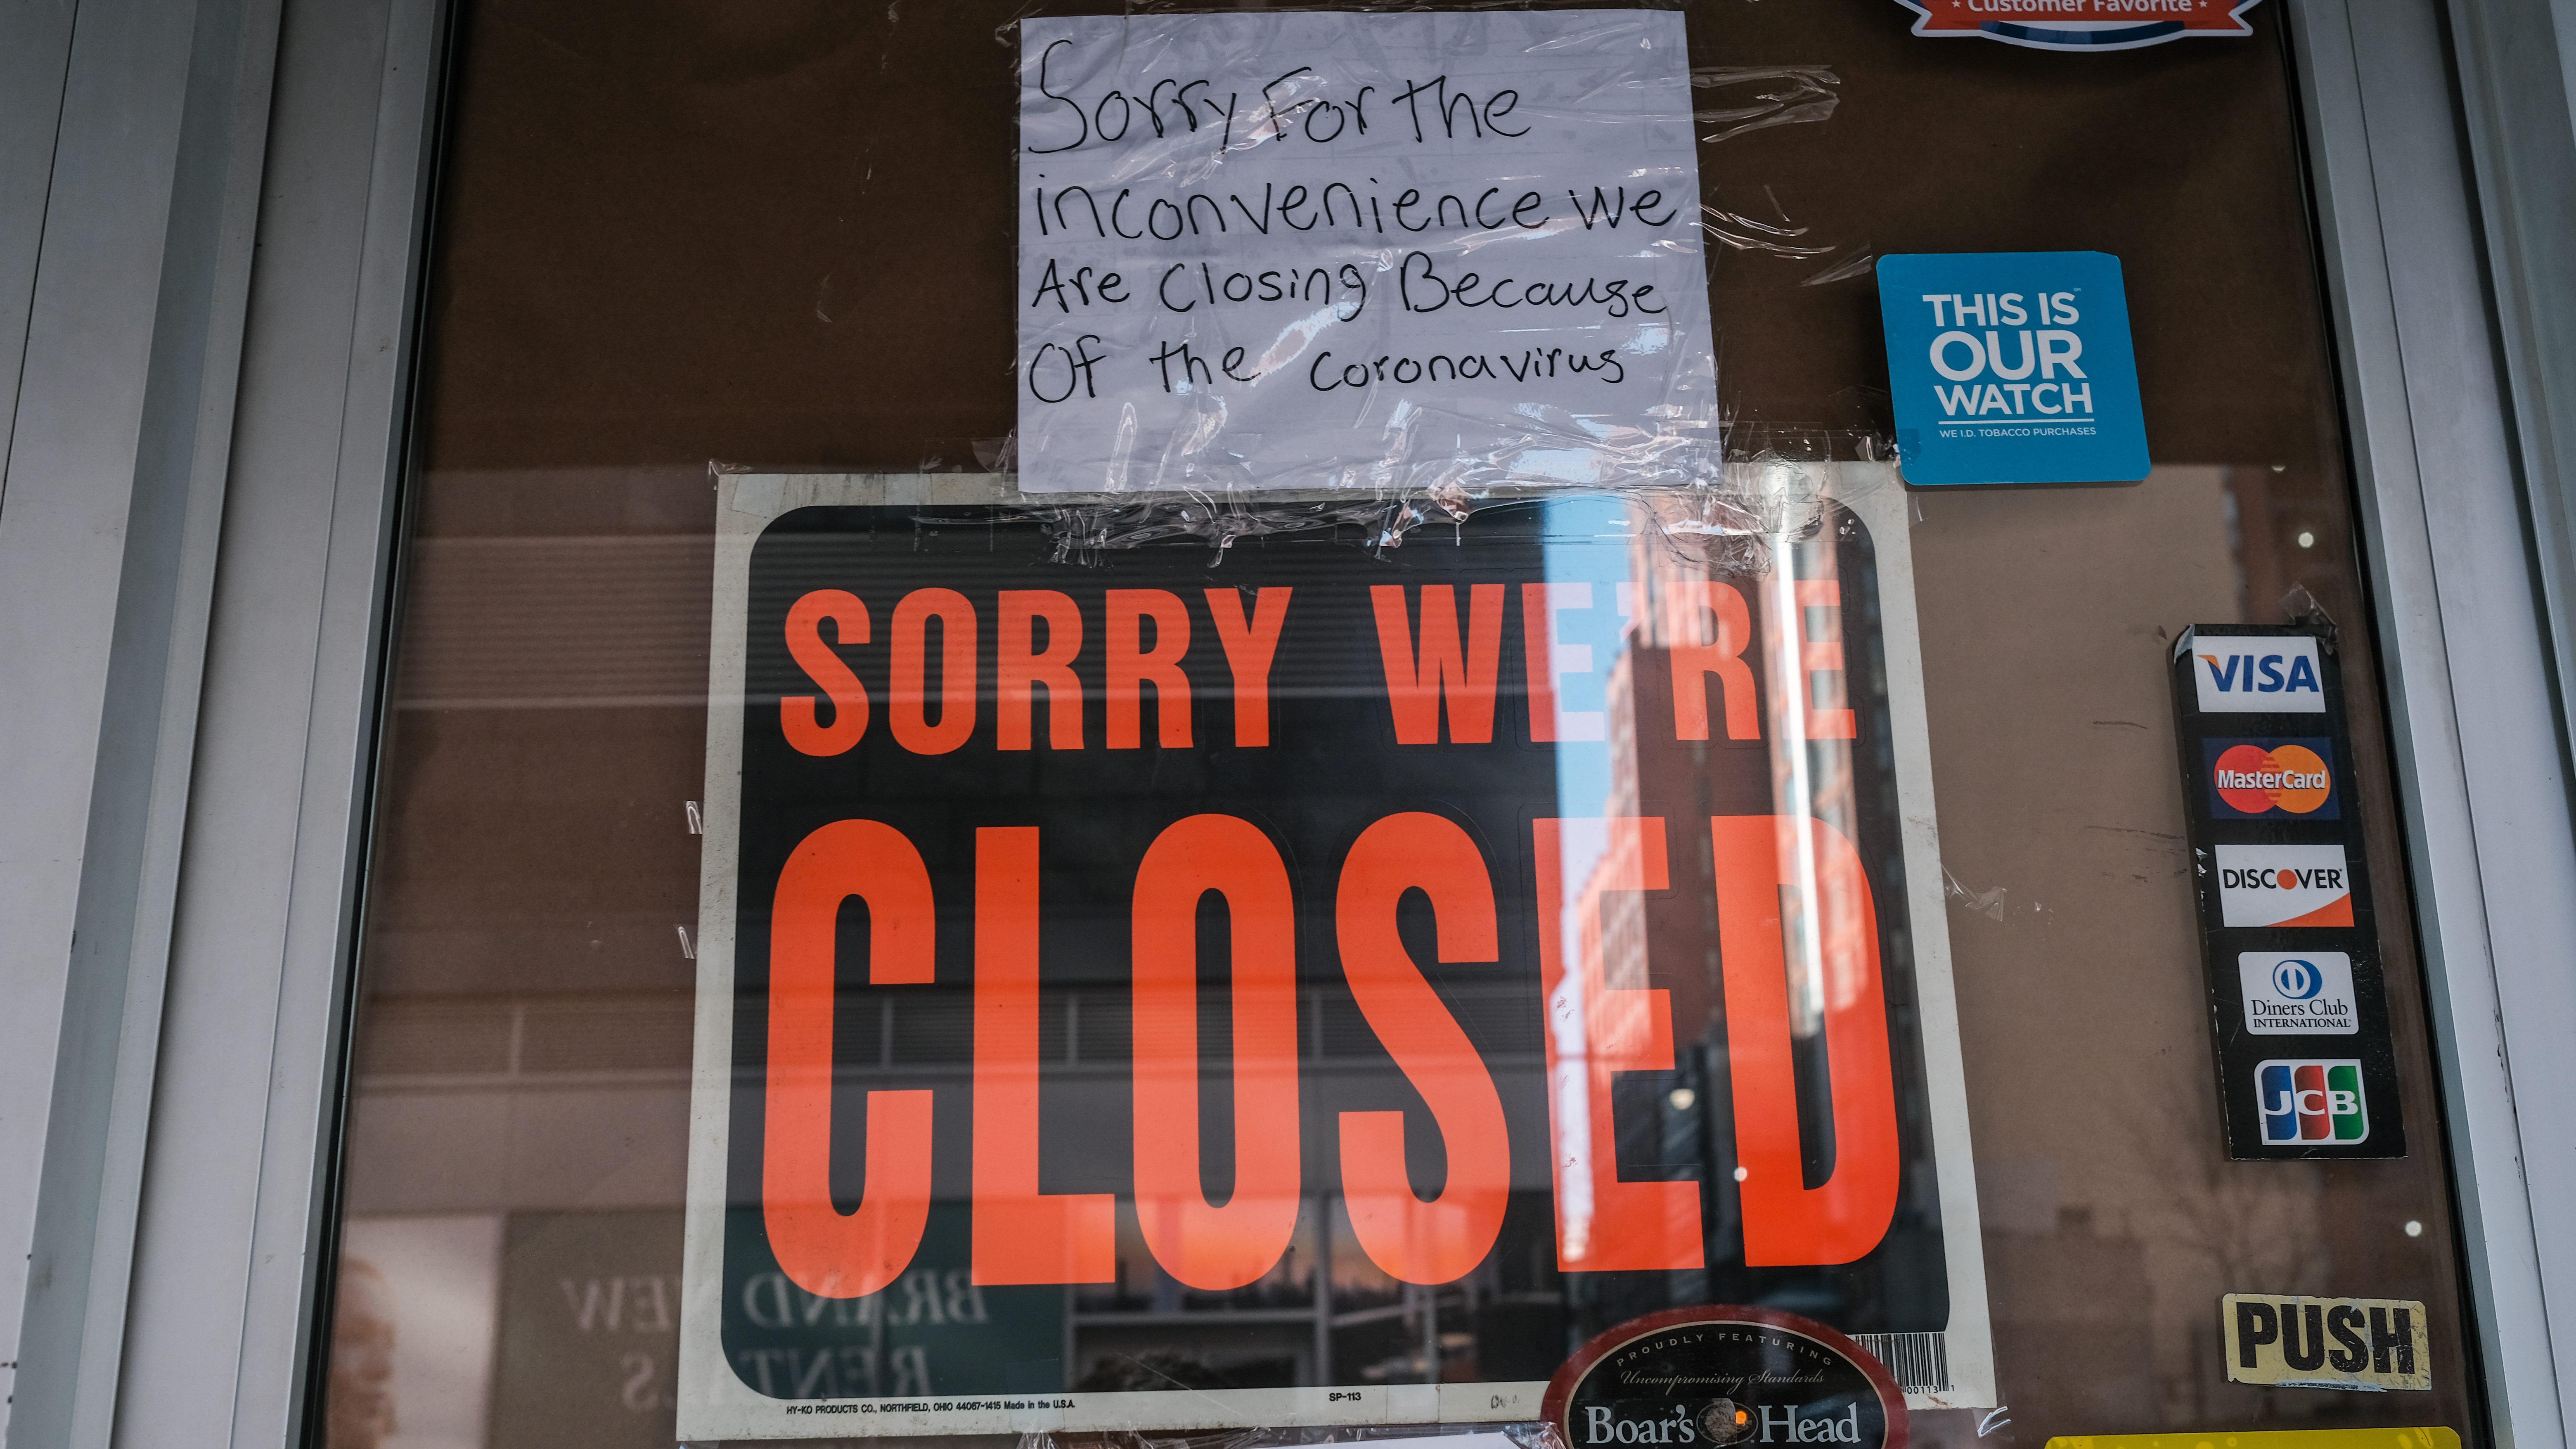 A closed deli.